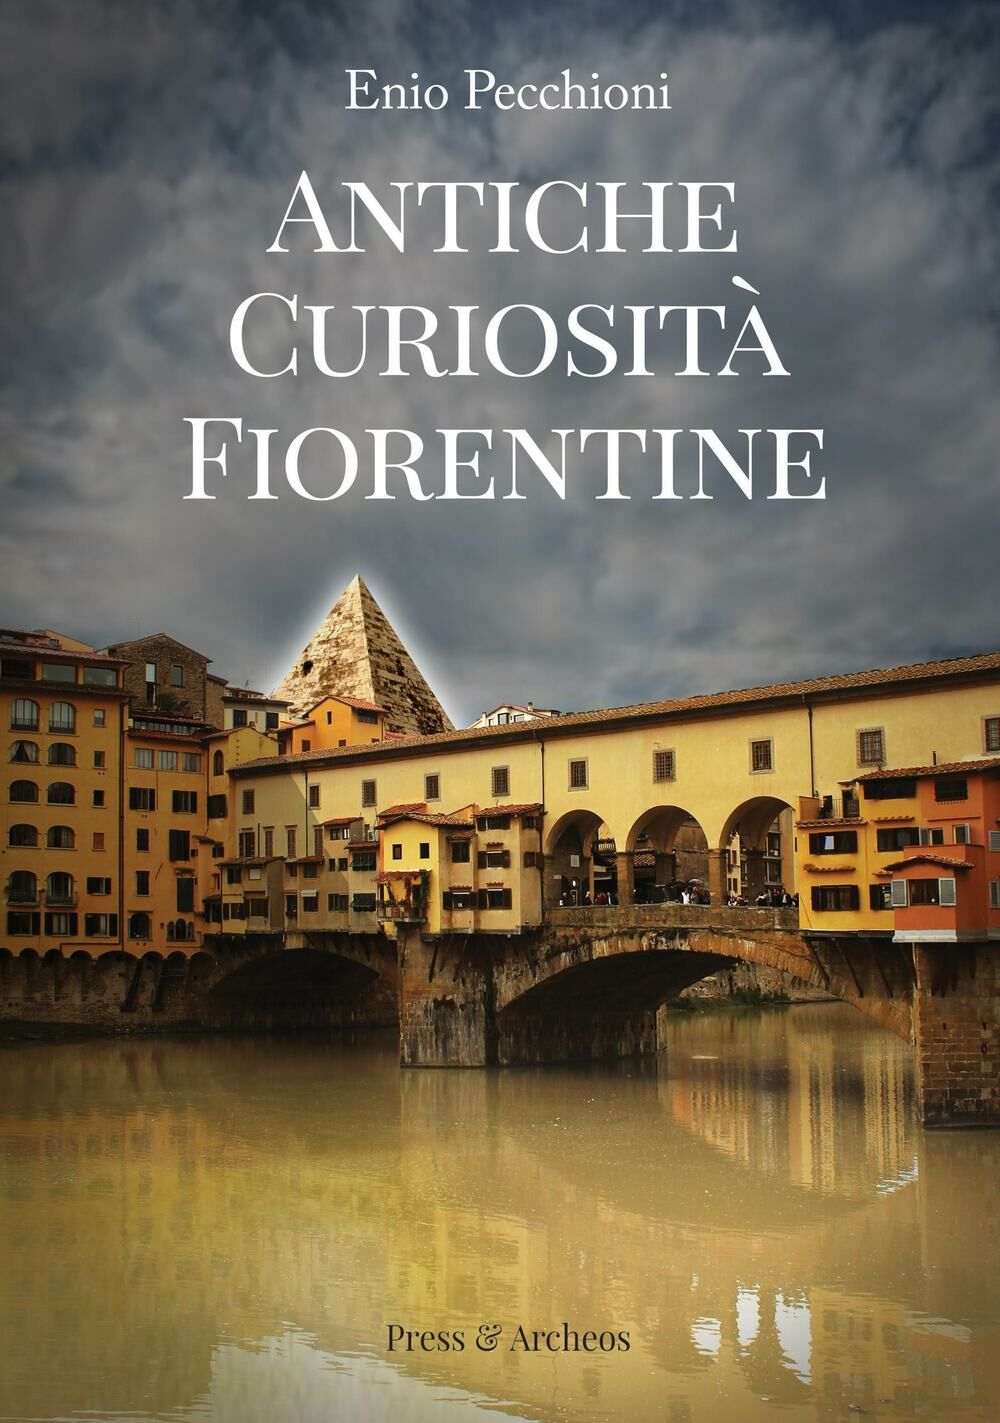 Antiche curiosità fiorentine